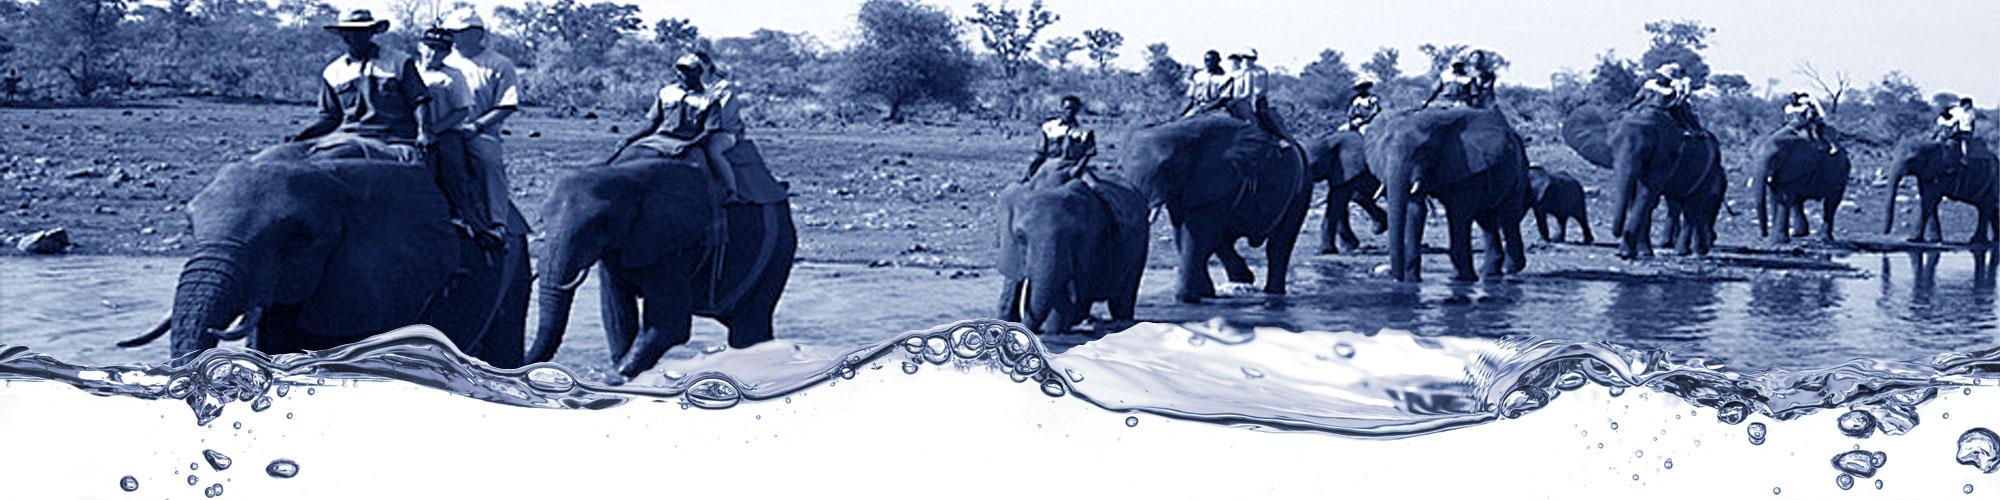 cresta-elephants-zimbabwe-bulawayo-laundry-catering